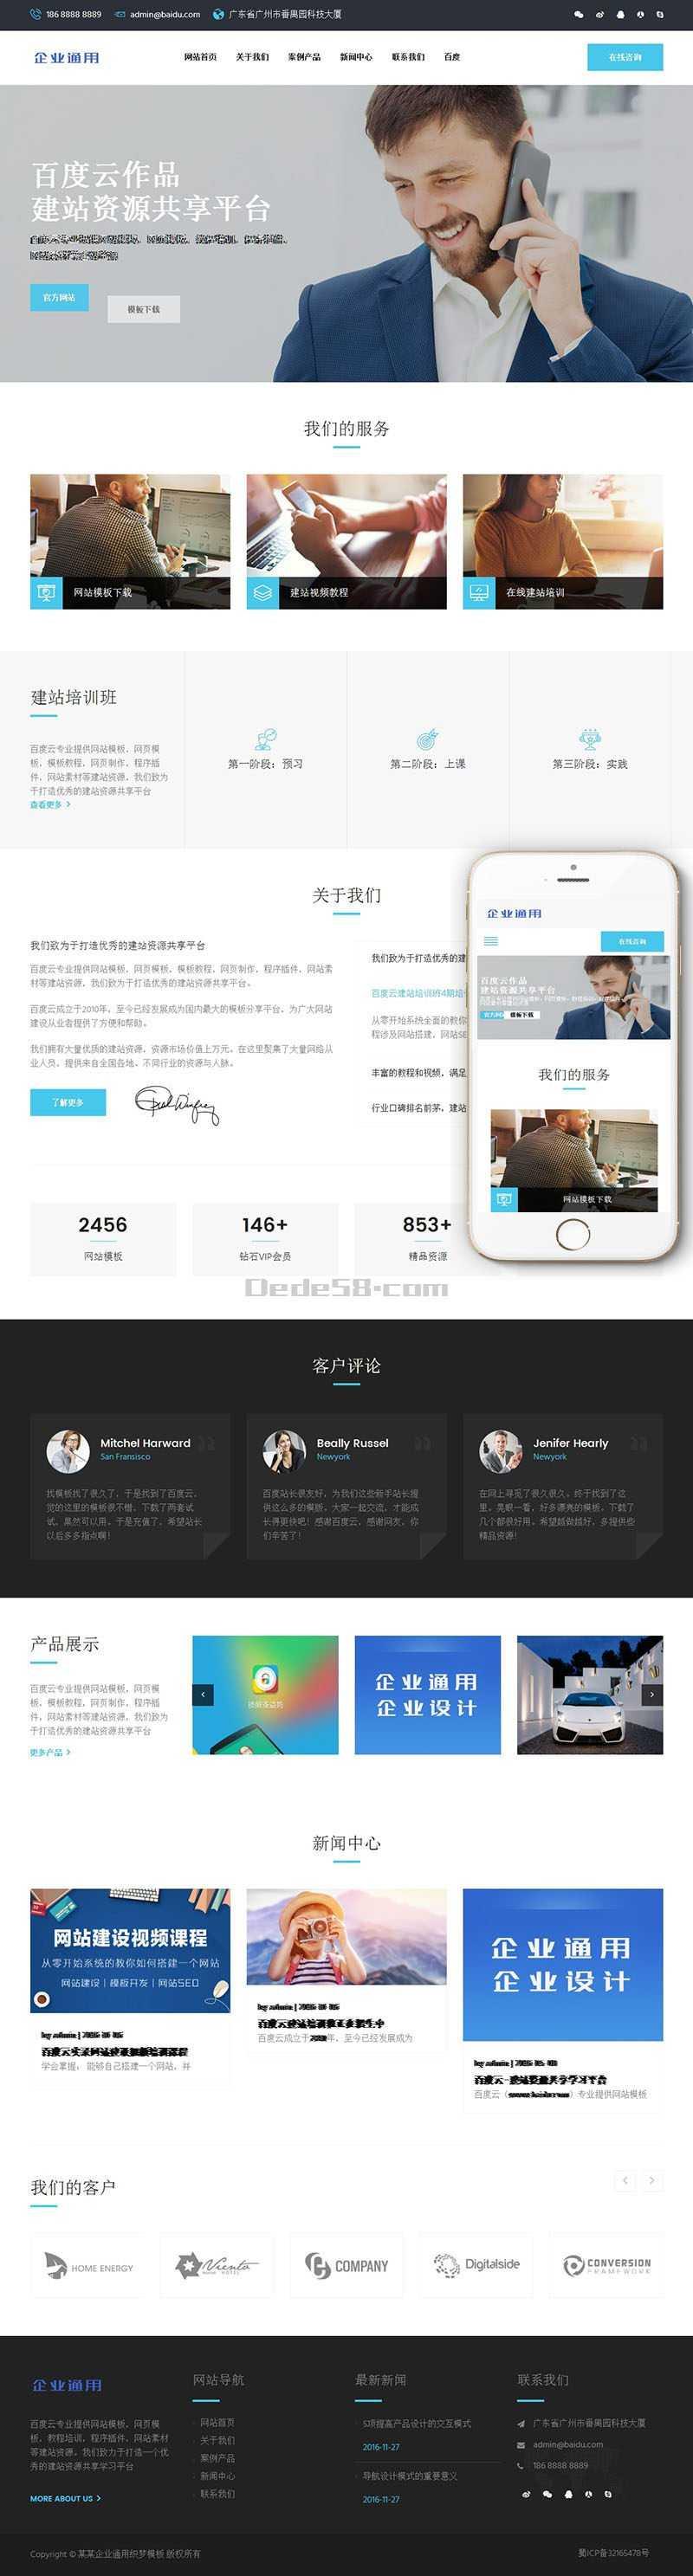 织梦响应式蓝色高端商务公司企业dedecms整站源码(自适应手机端)插图1